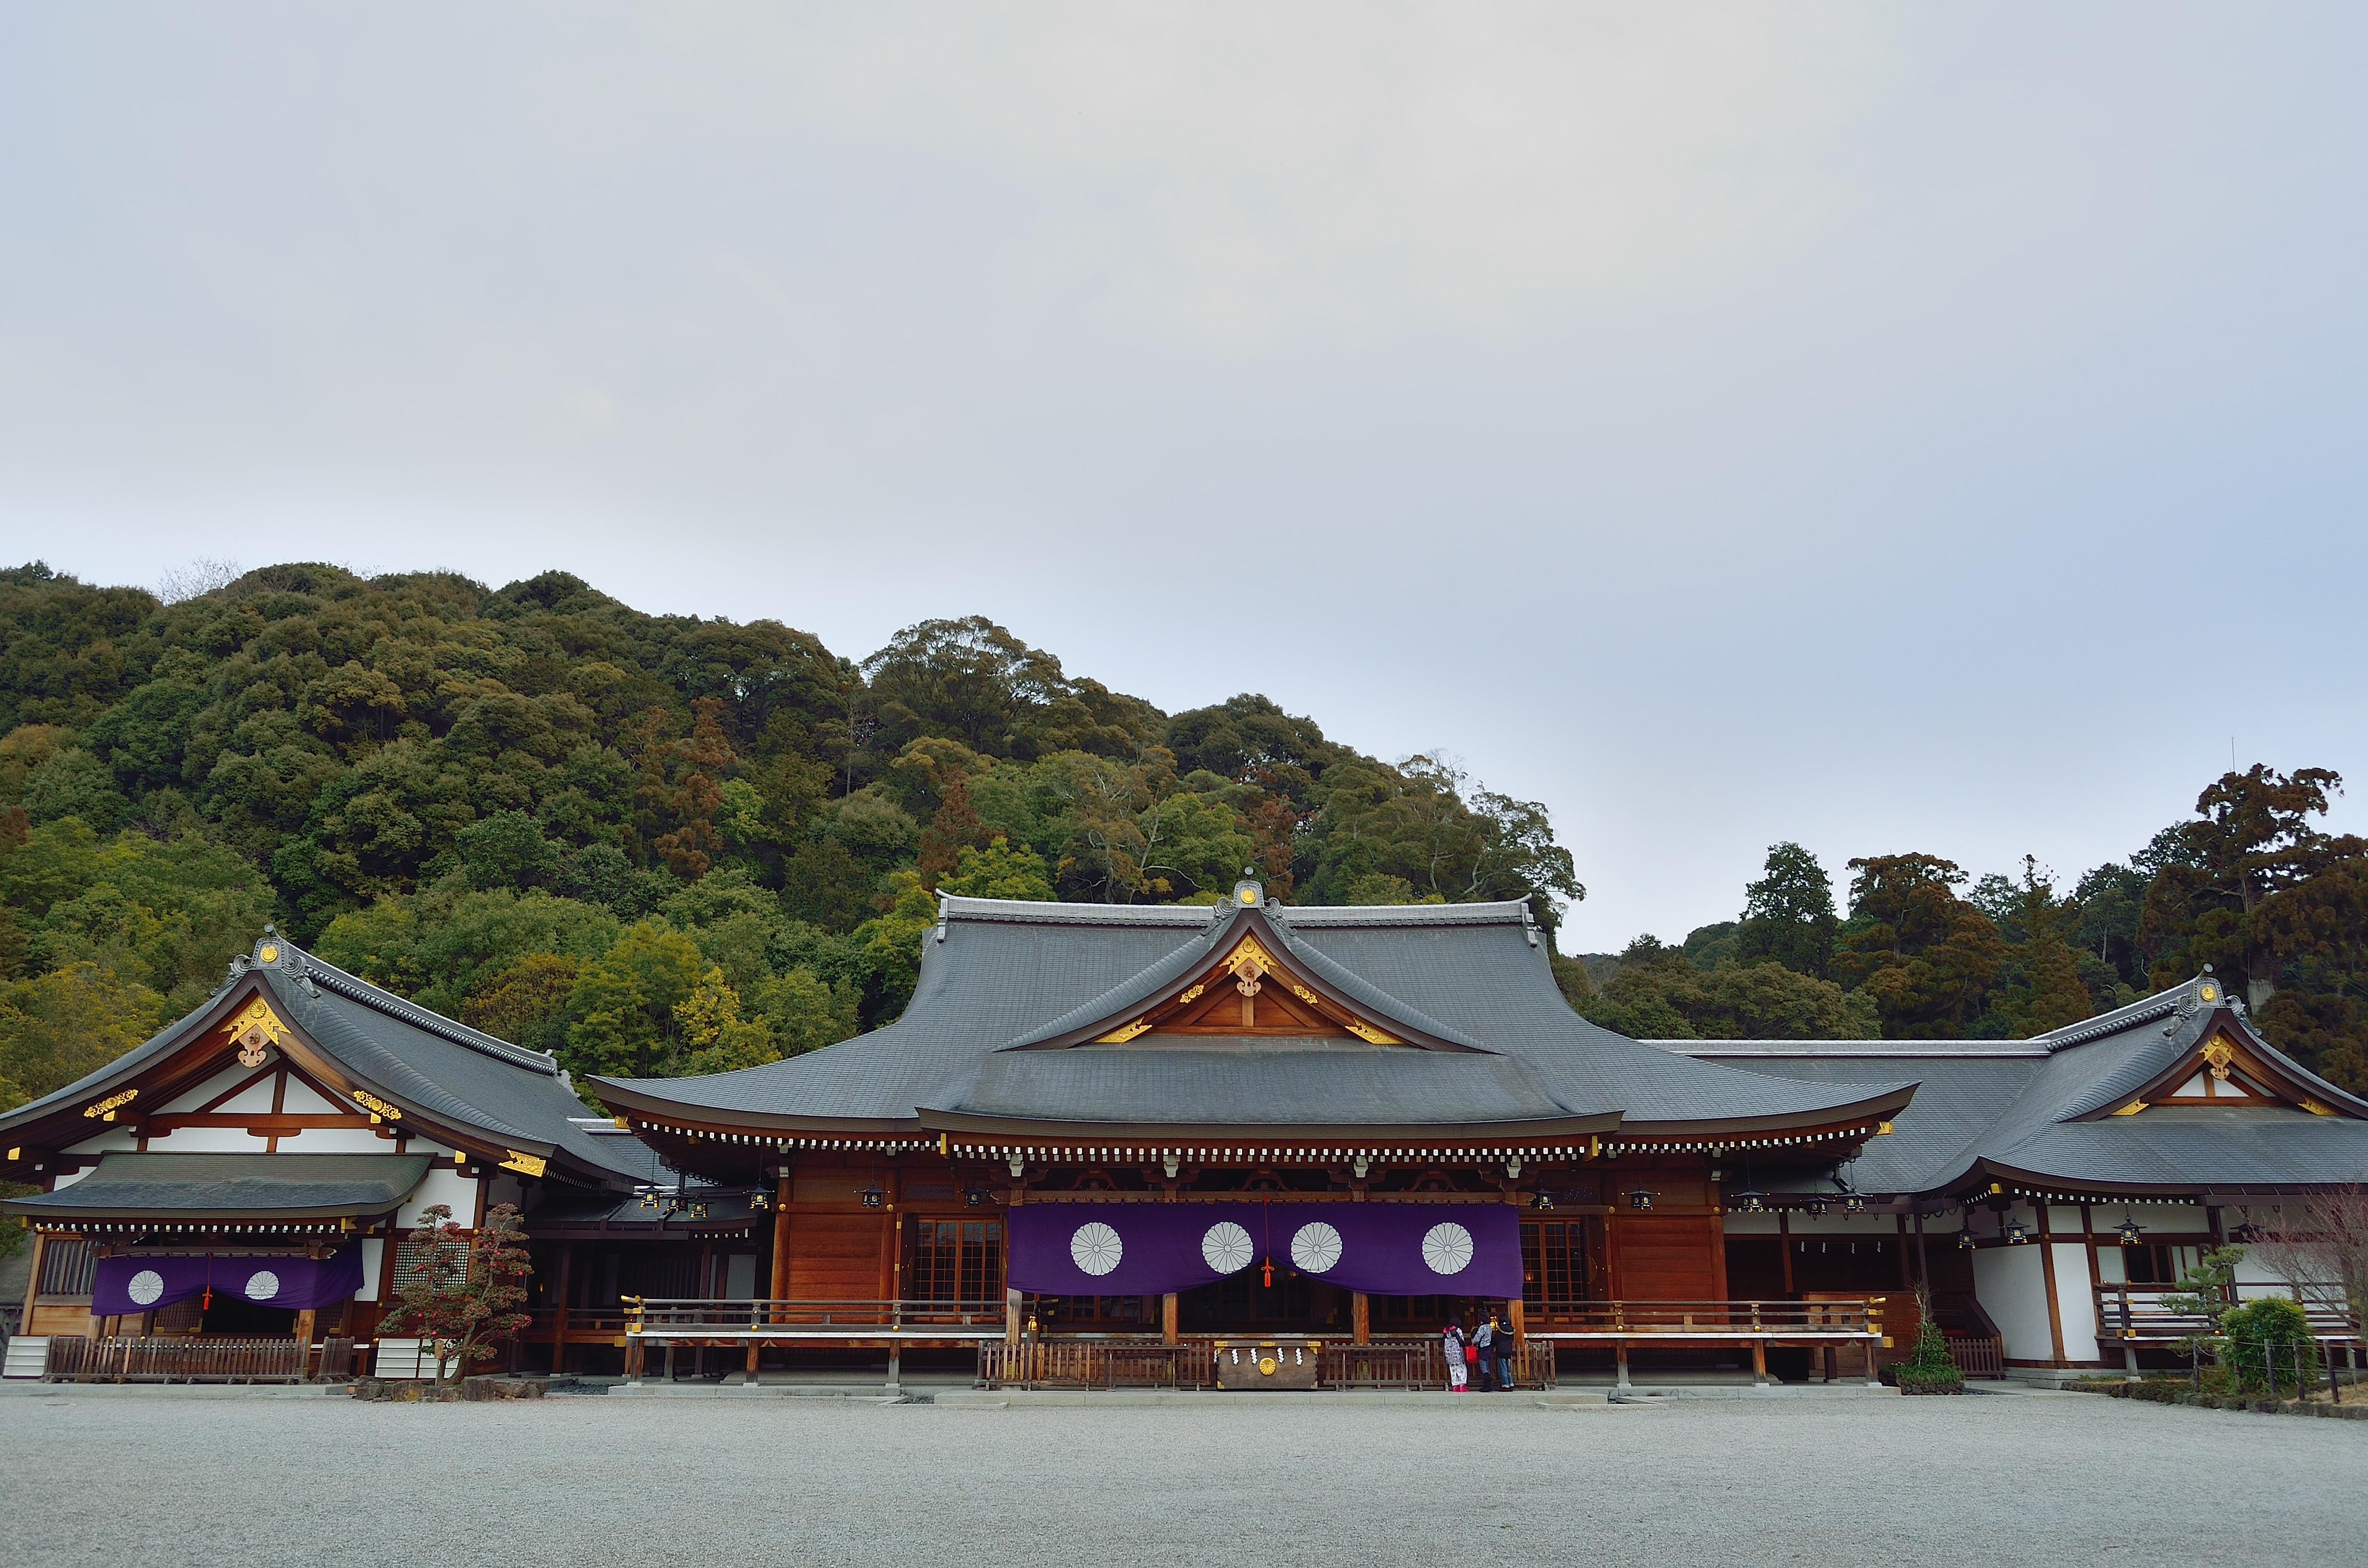 大神神社 祈祷殿・儀式殿・参集殿